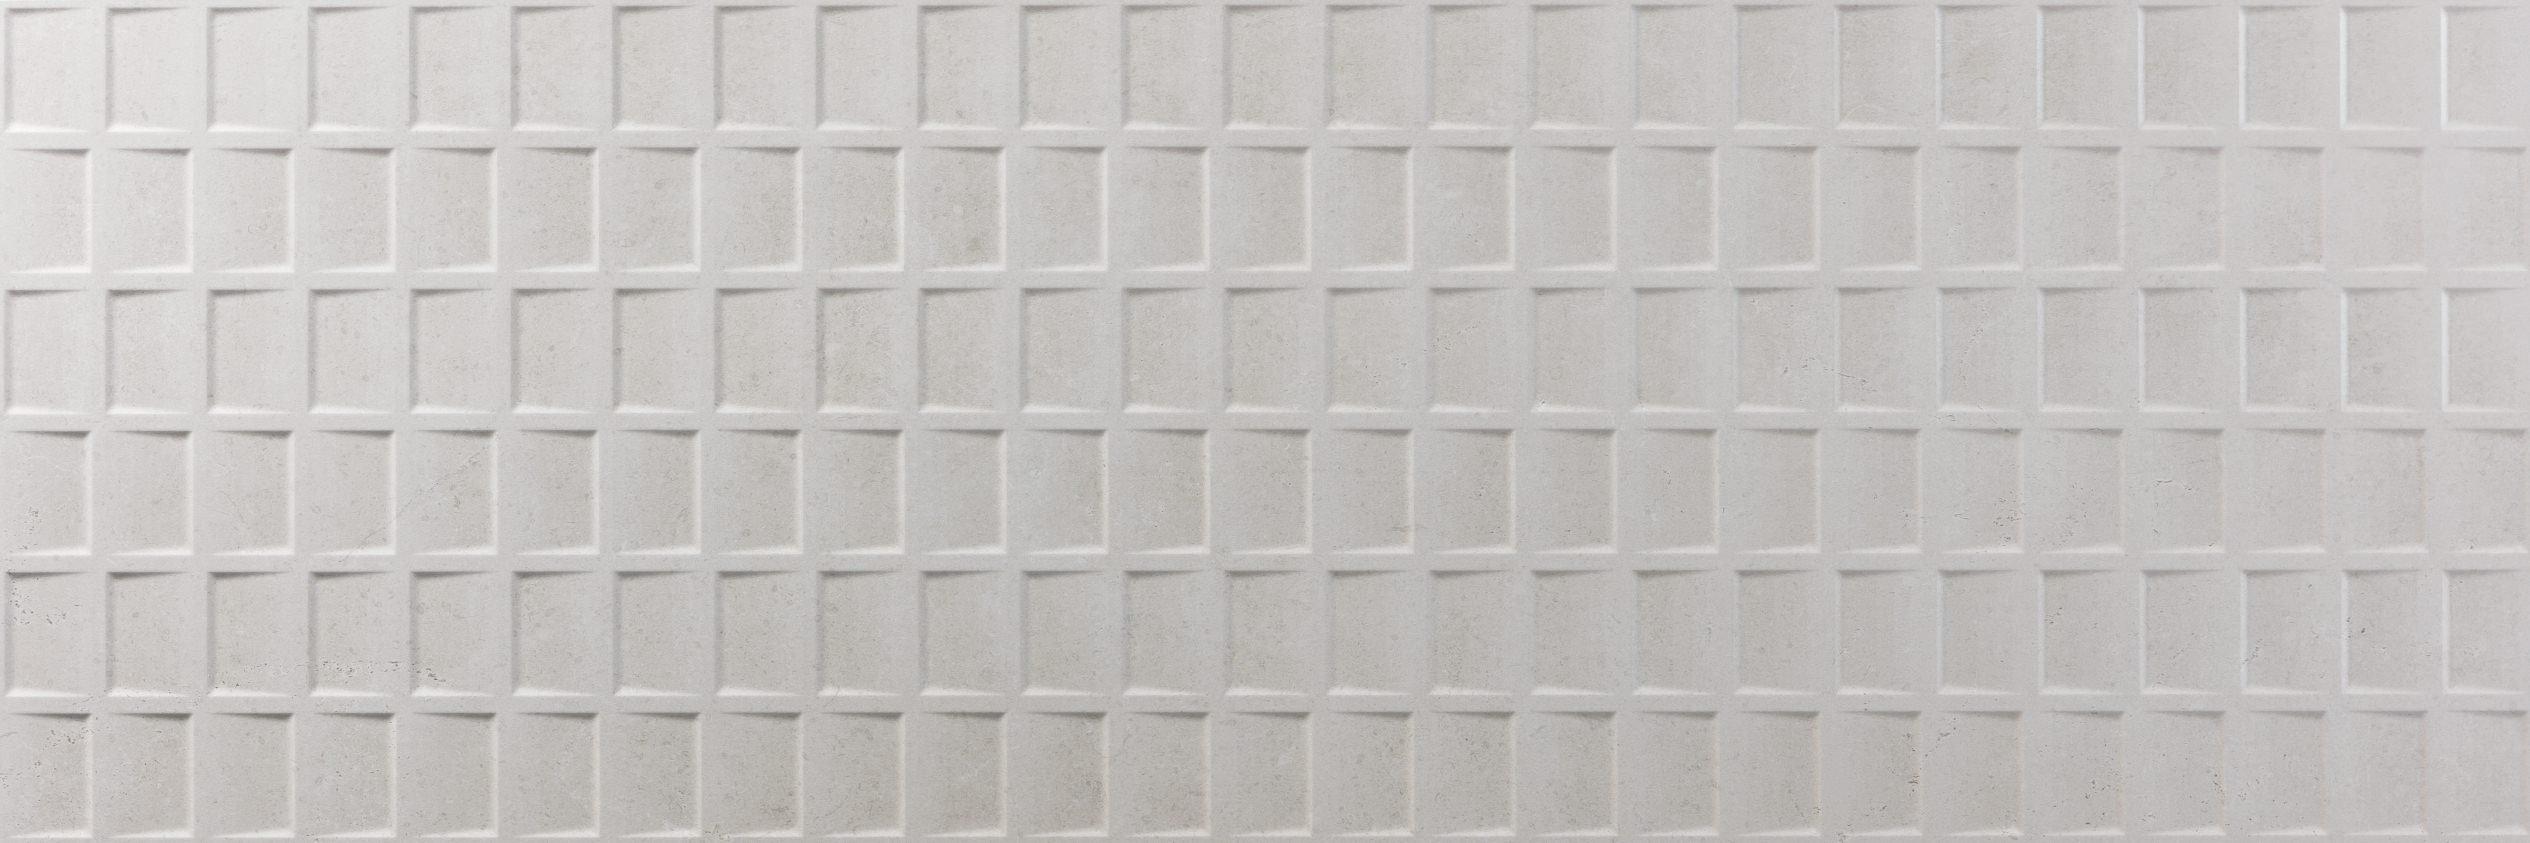 Faianță pentru baie Ecoceramic Flagstone Blanco Decor 400x1200 mată alb / 3